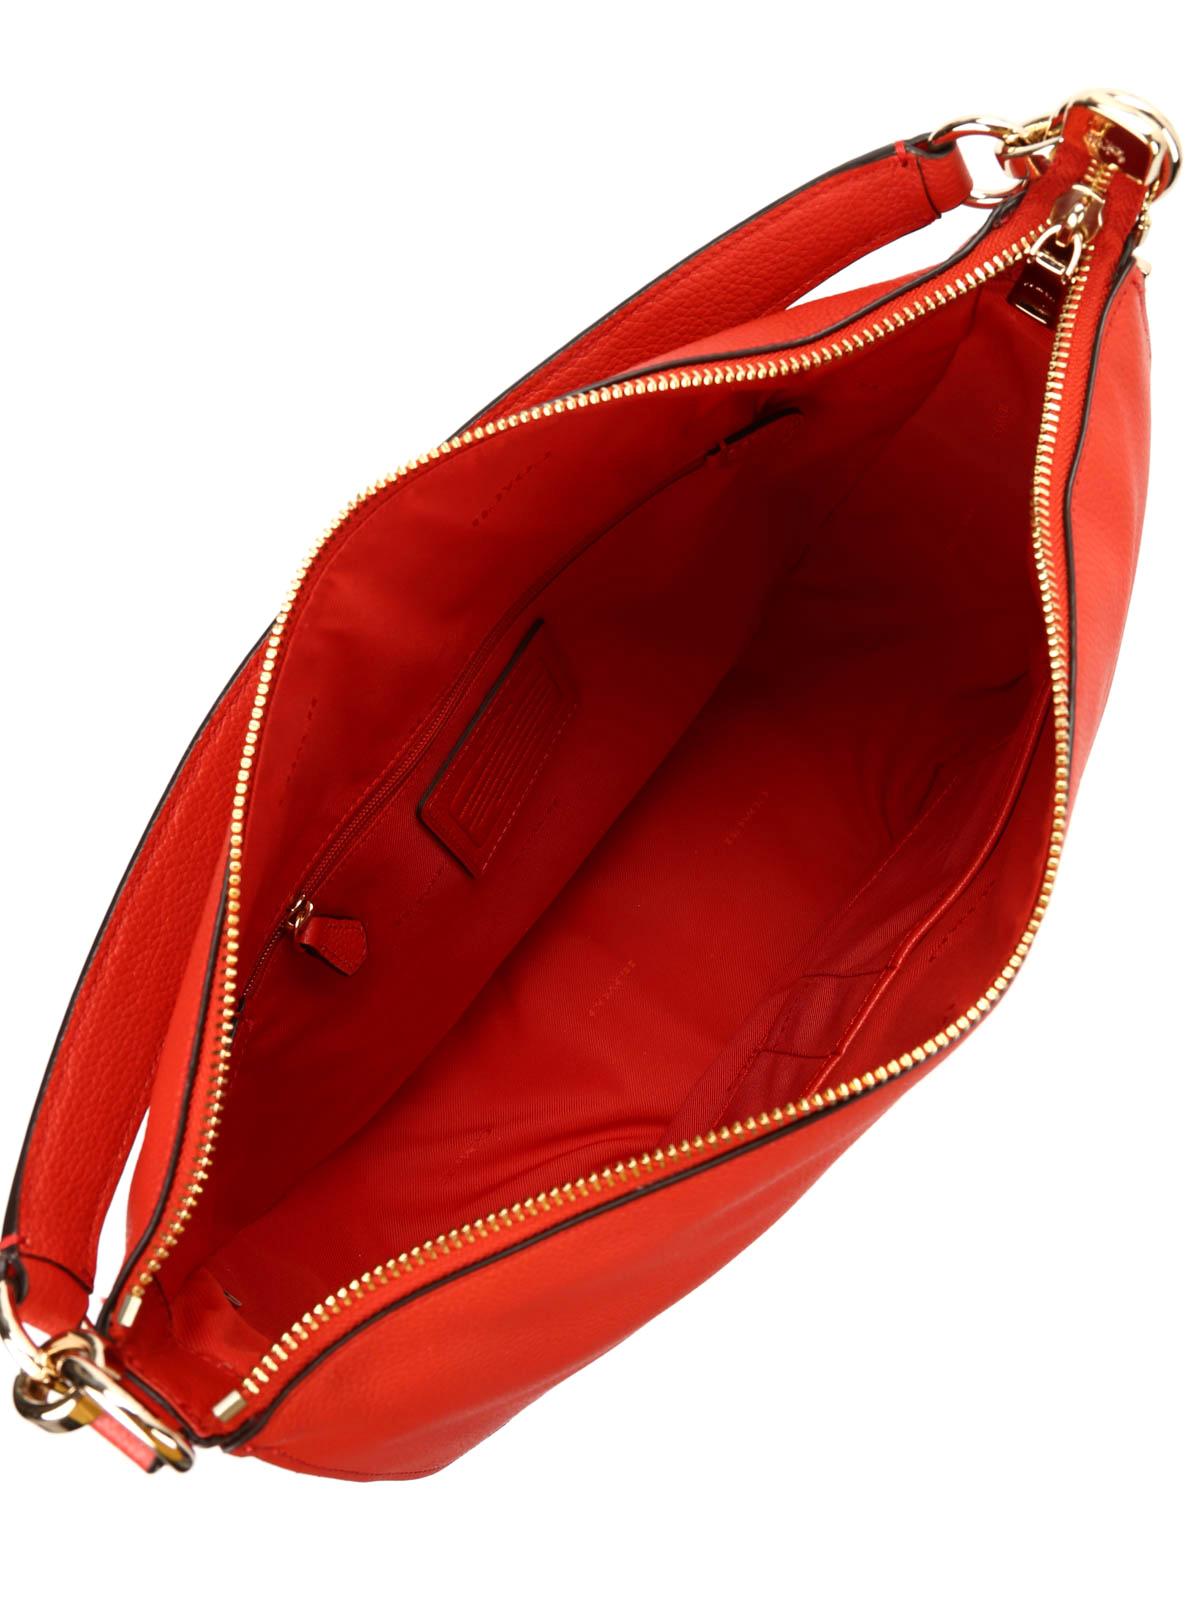 Coach - Sac Bandoulière Rouge Pour Femme - Sacs portés épaule ...